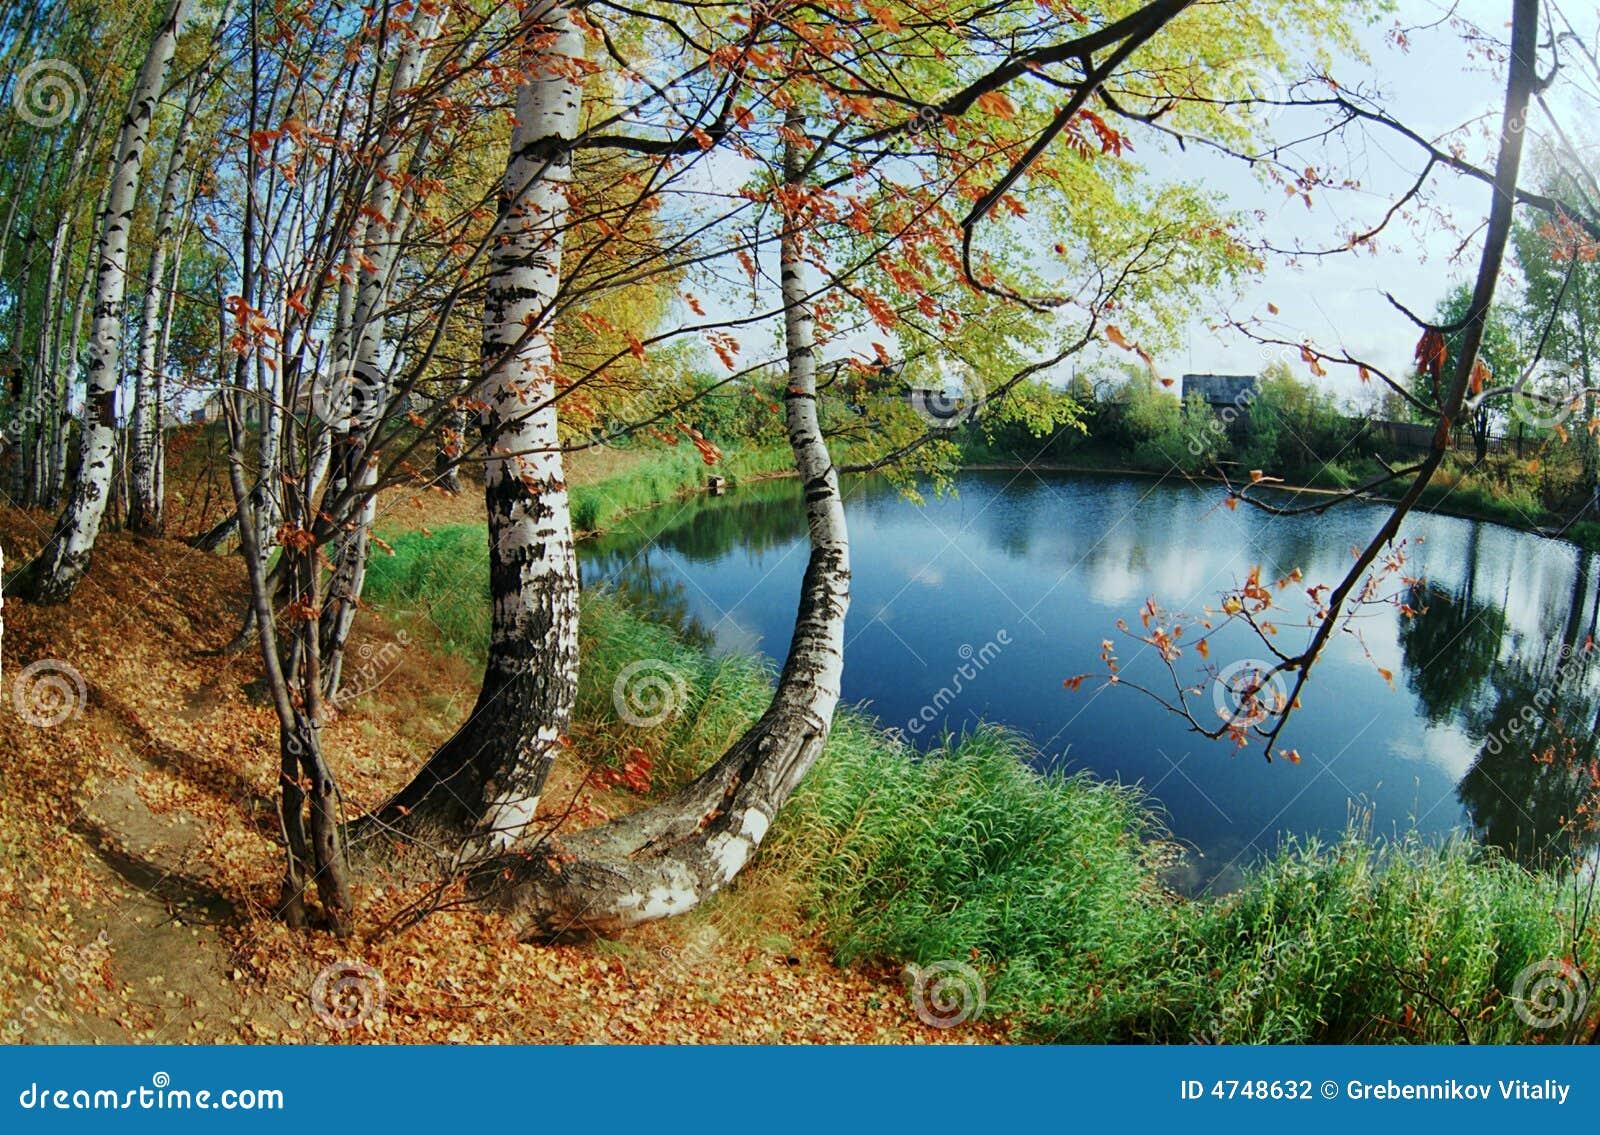 Birchwood on coast of lake.